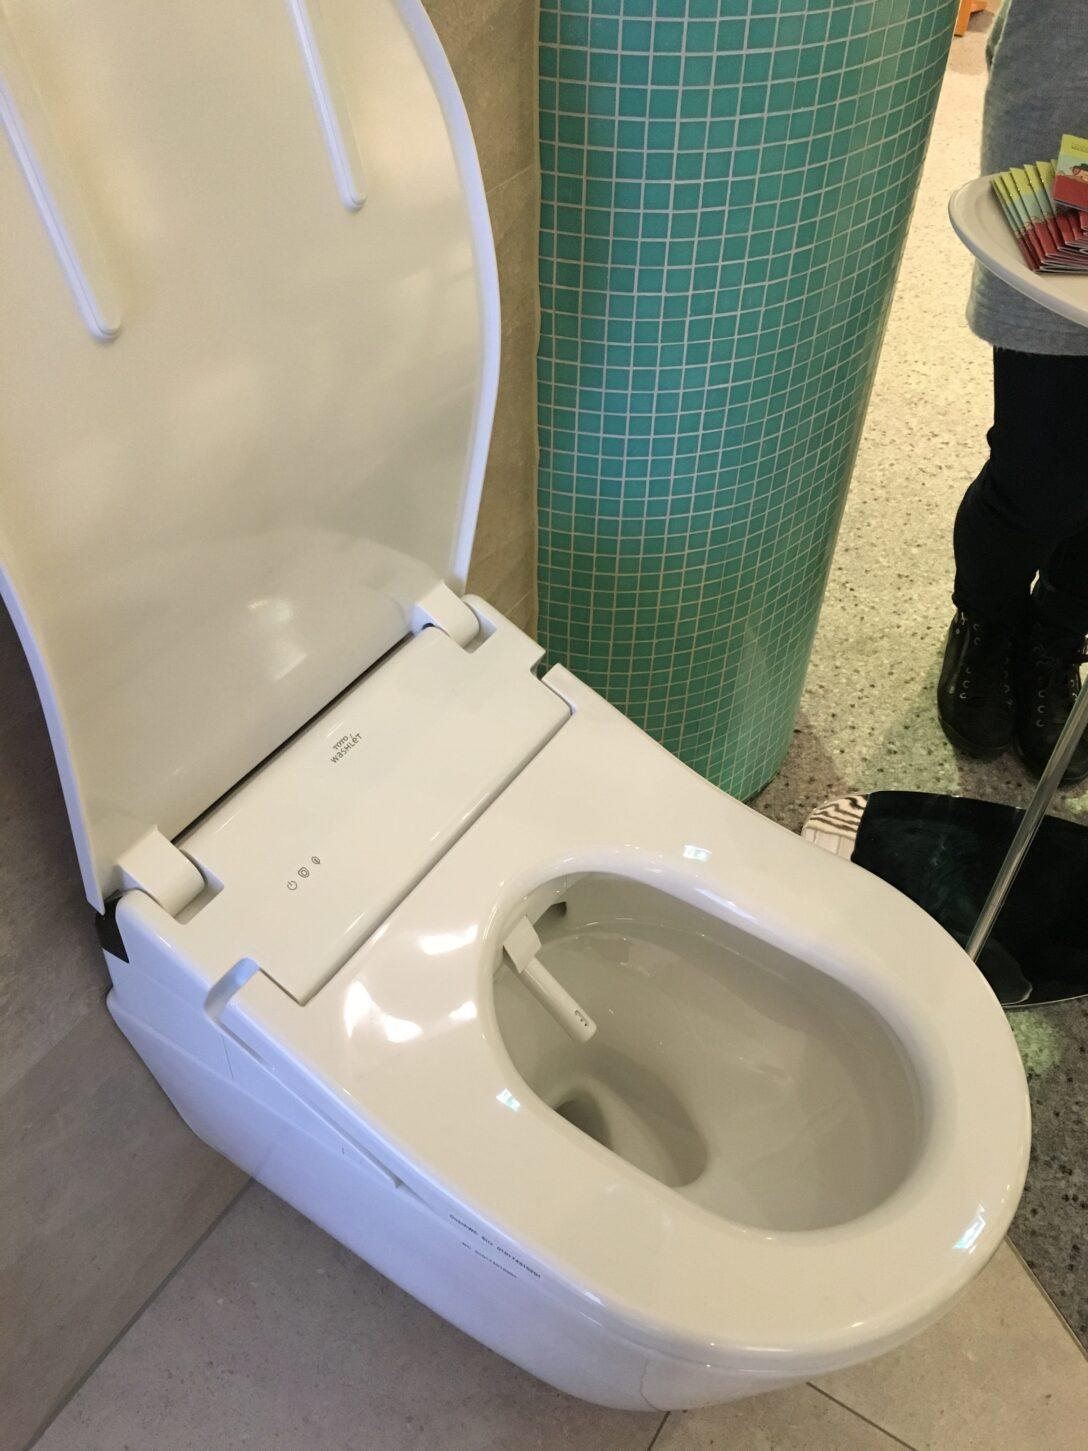 Large Size of Dusch Wc Test Aufsatz Testsieger 2018 2019 Schweiz Stiftung Warentest Esslingen 2017 Toto Testberichte Das Washlet Von Japanische Perfektion Des Wcs Dusche Dusch Wc Test